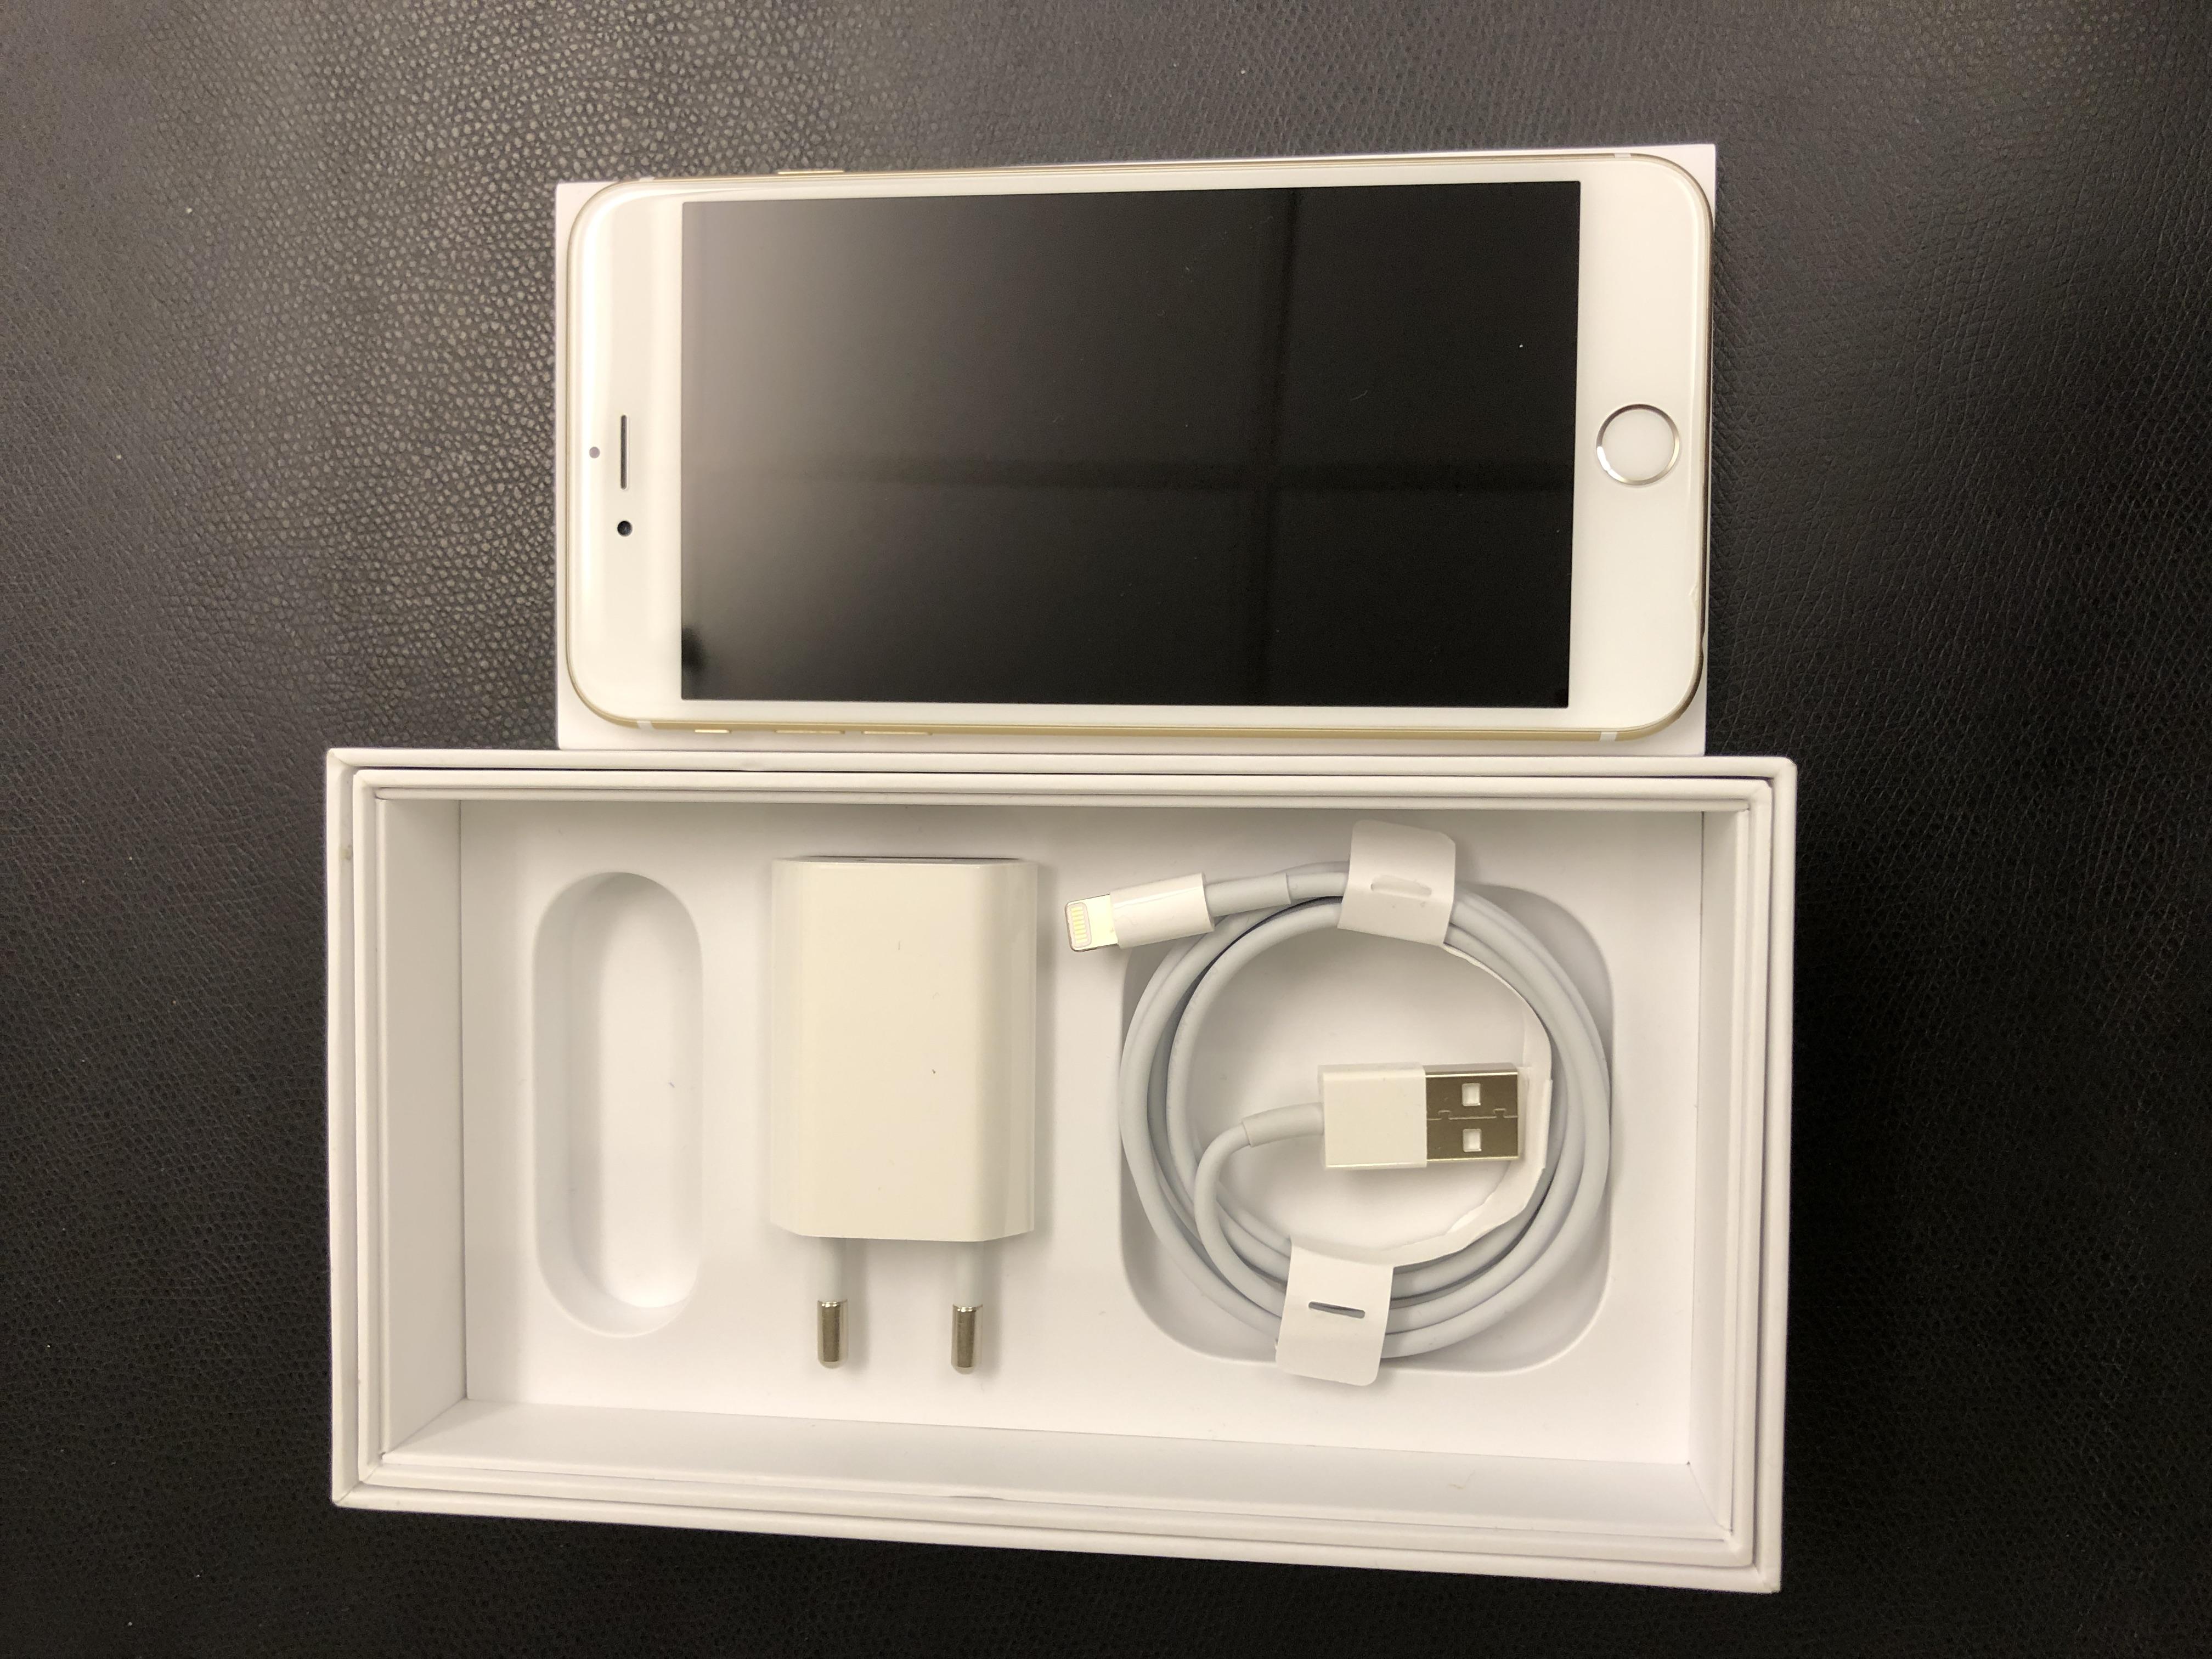 iPhone 6 Plus 16GB, 16GB, Gold, Afbeelding 2